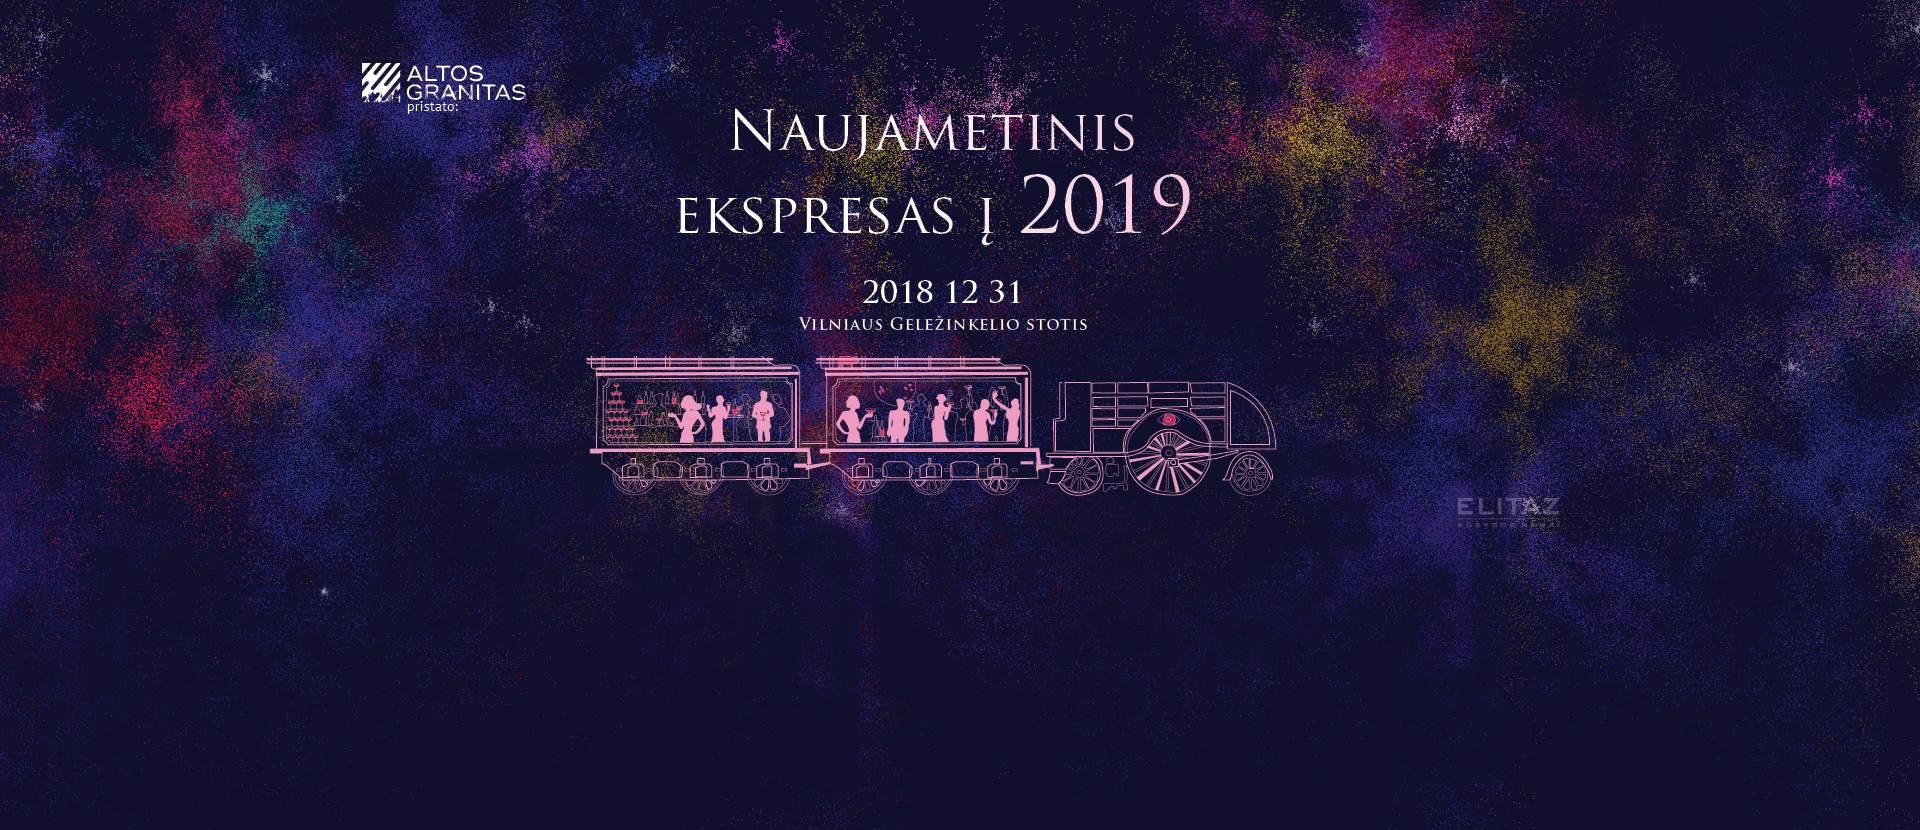 Ekspresas į 2019